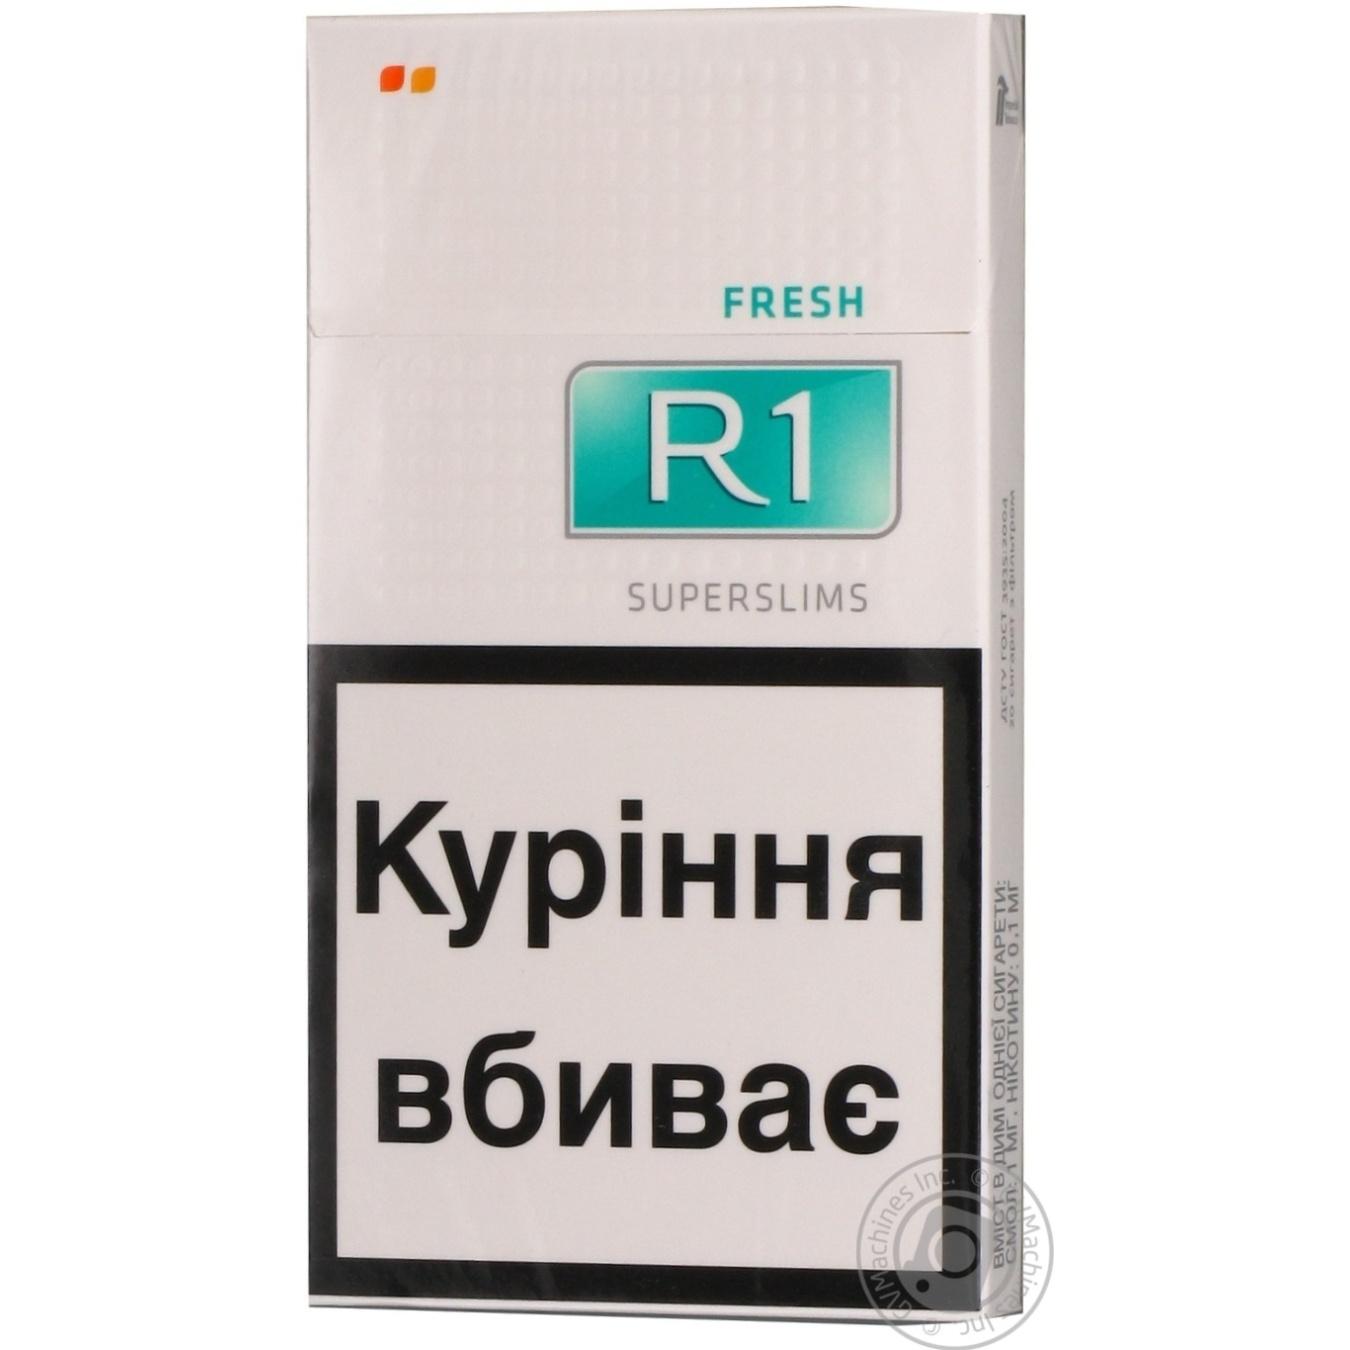 Купить сигареты r1 электронные сигареты оптом москва адрес